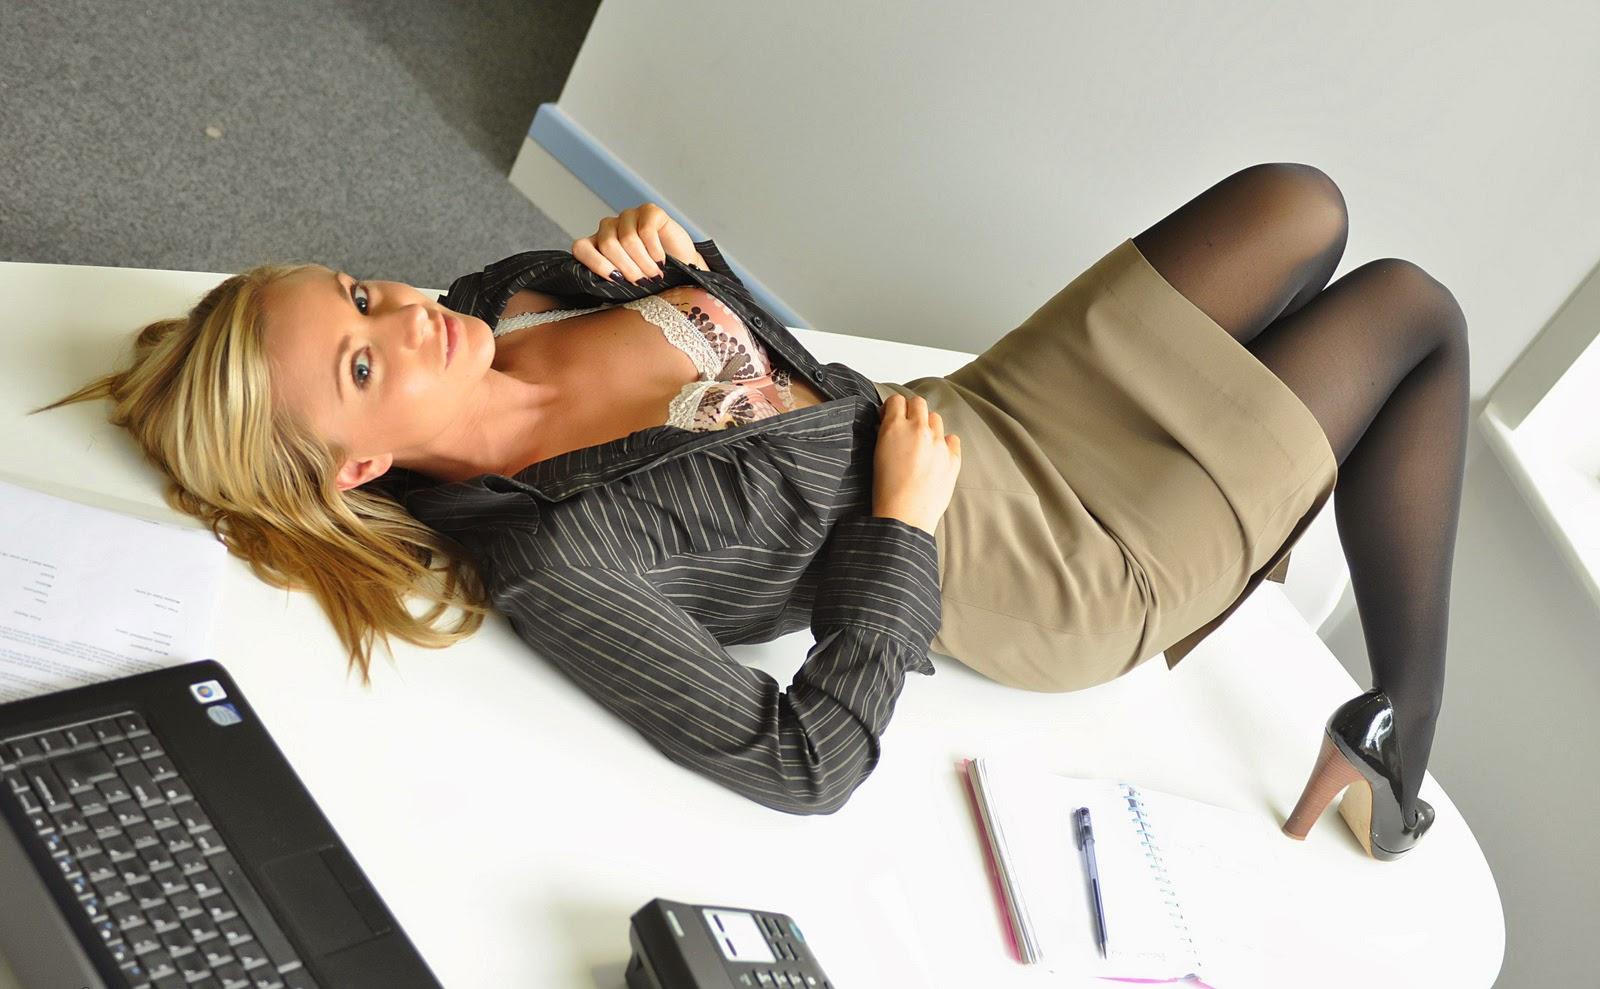 Принуждает к сексу секретаршу, Порно Секретарша -видео. Смотреть порно онлайн! 1 фотография